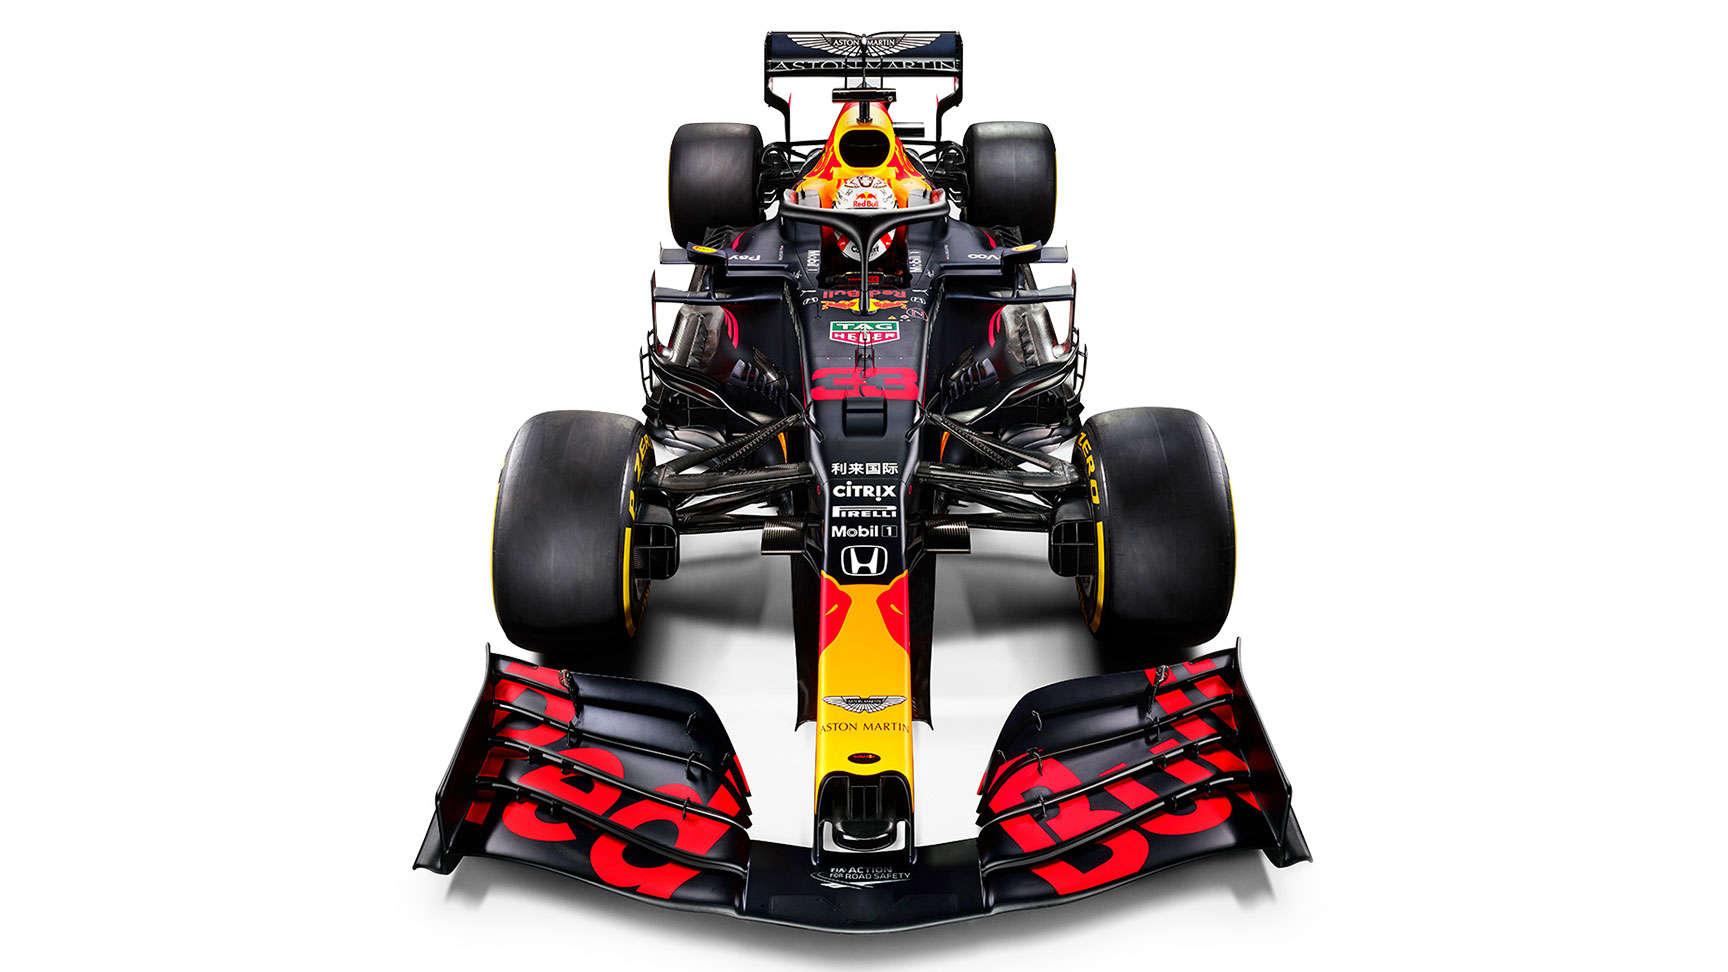 Honda F1 Honda In Der Formel 1 Honda At